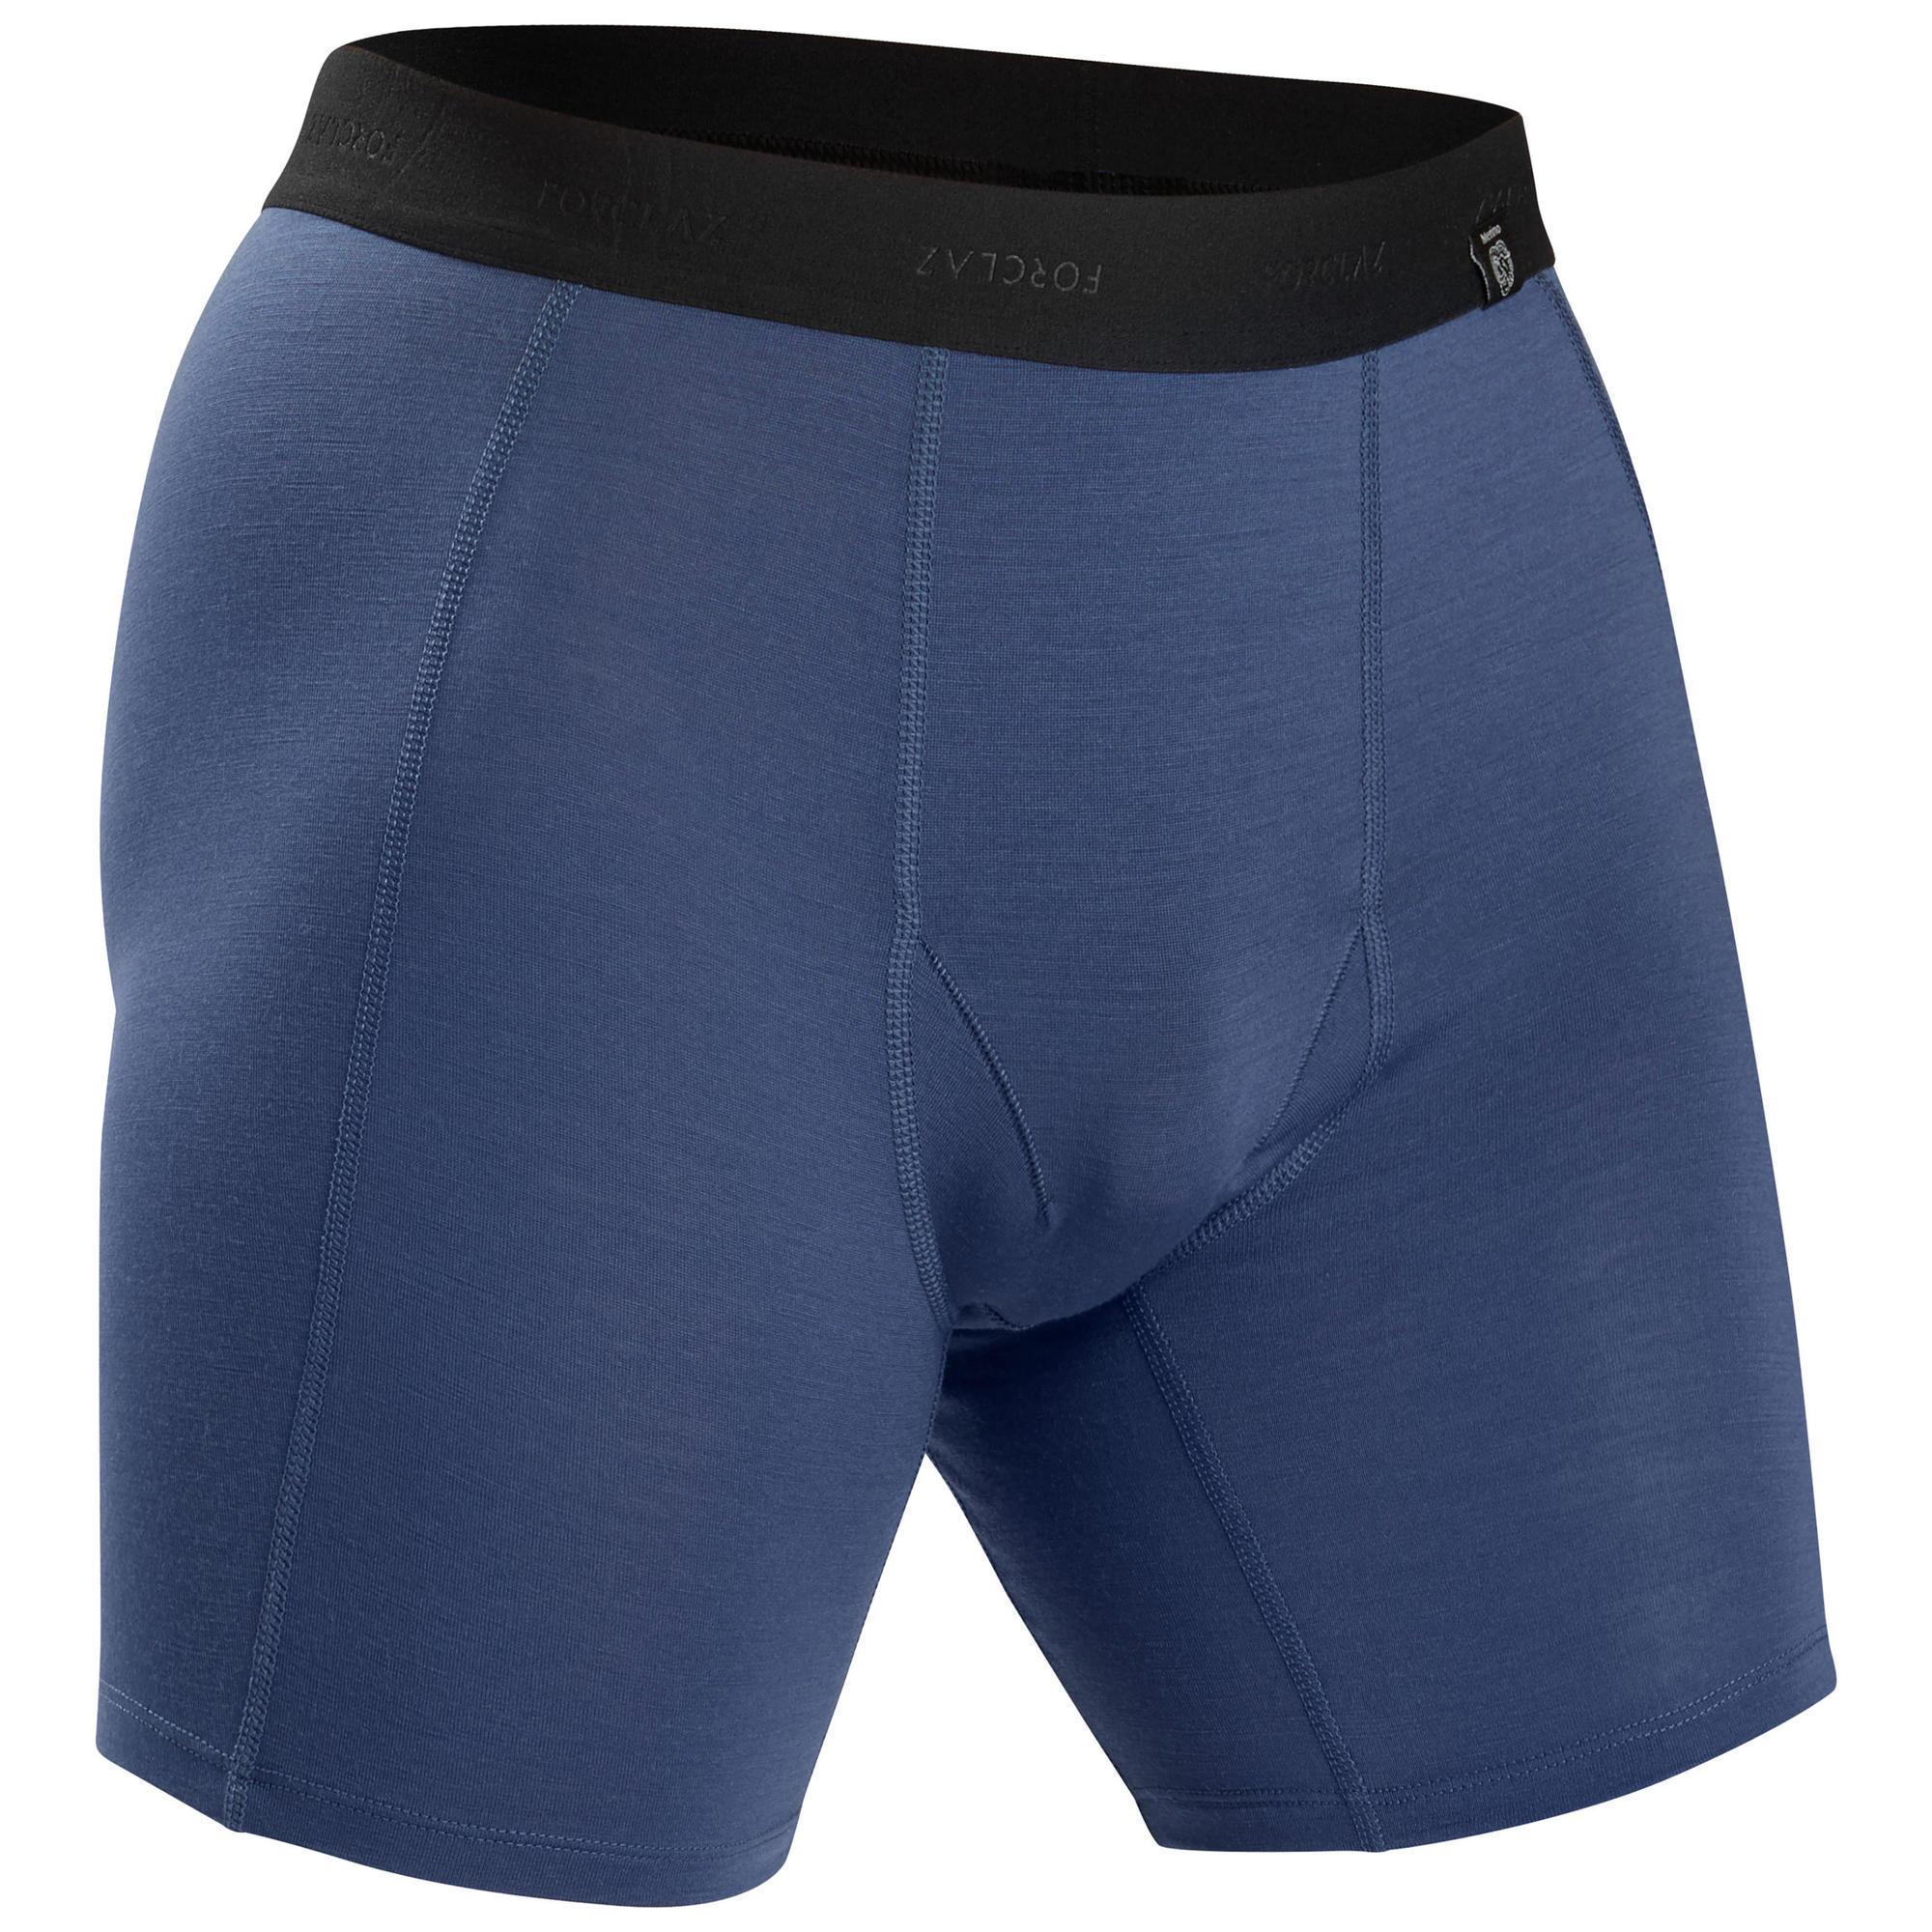 Merino-Boxershorts Funktions-Unterhose Trek 500 Herren | Bekleidung > Wäsche > Boxershorts | Forclaz